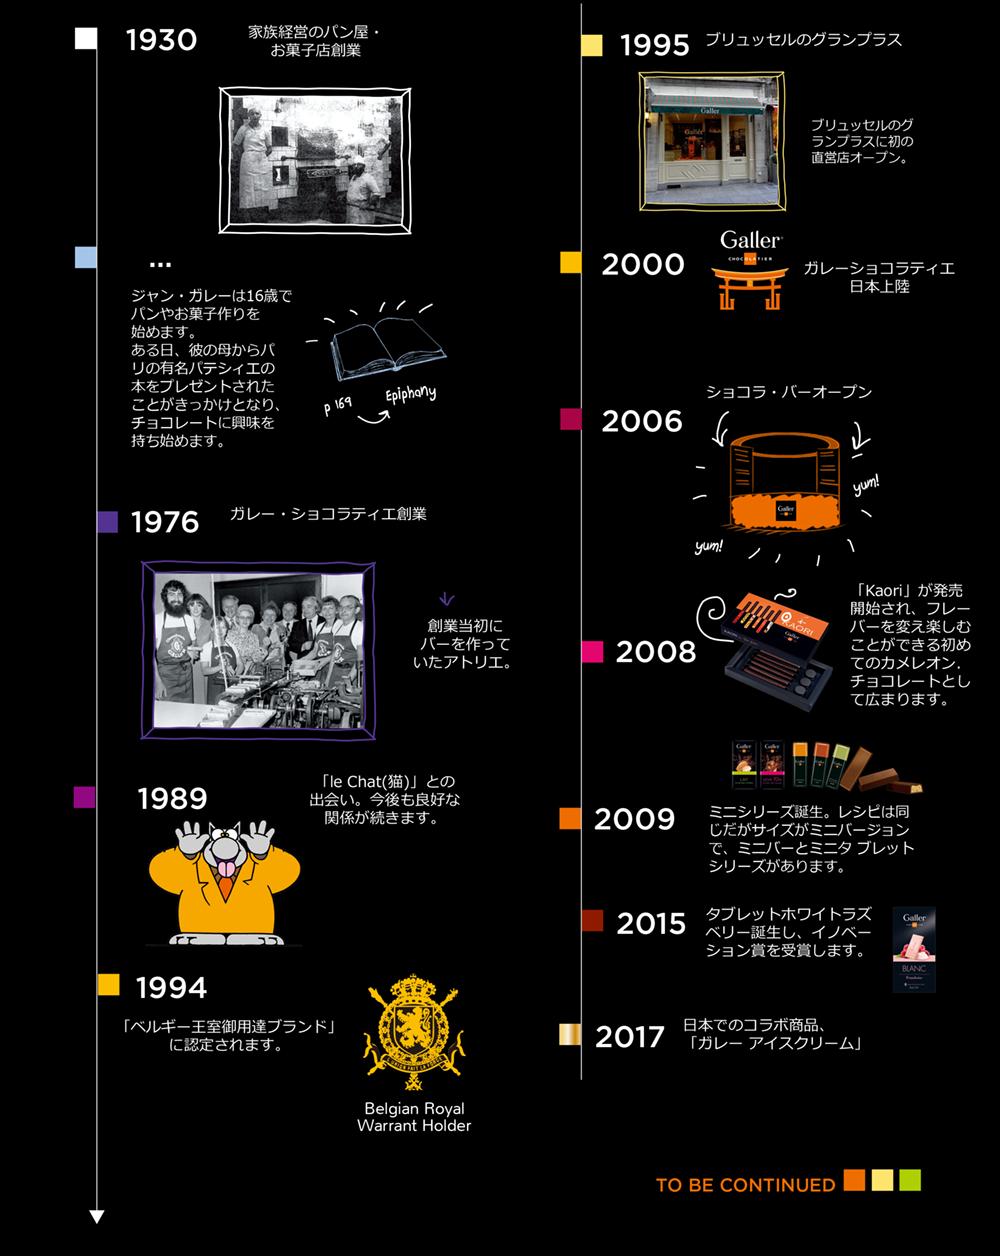 ガレーの歴史